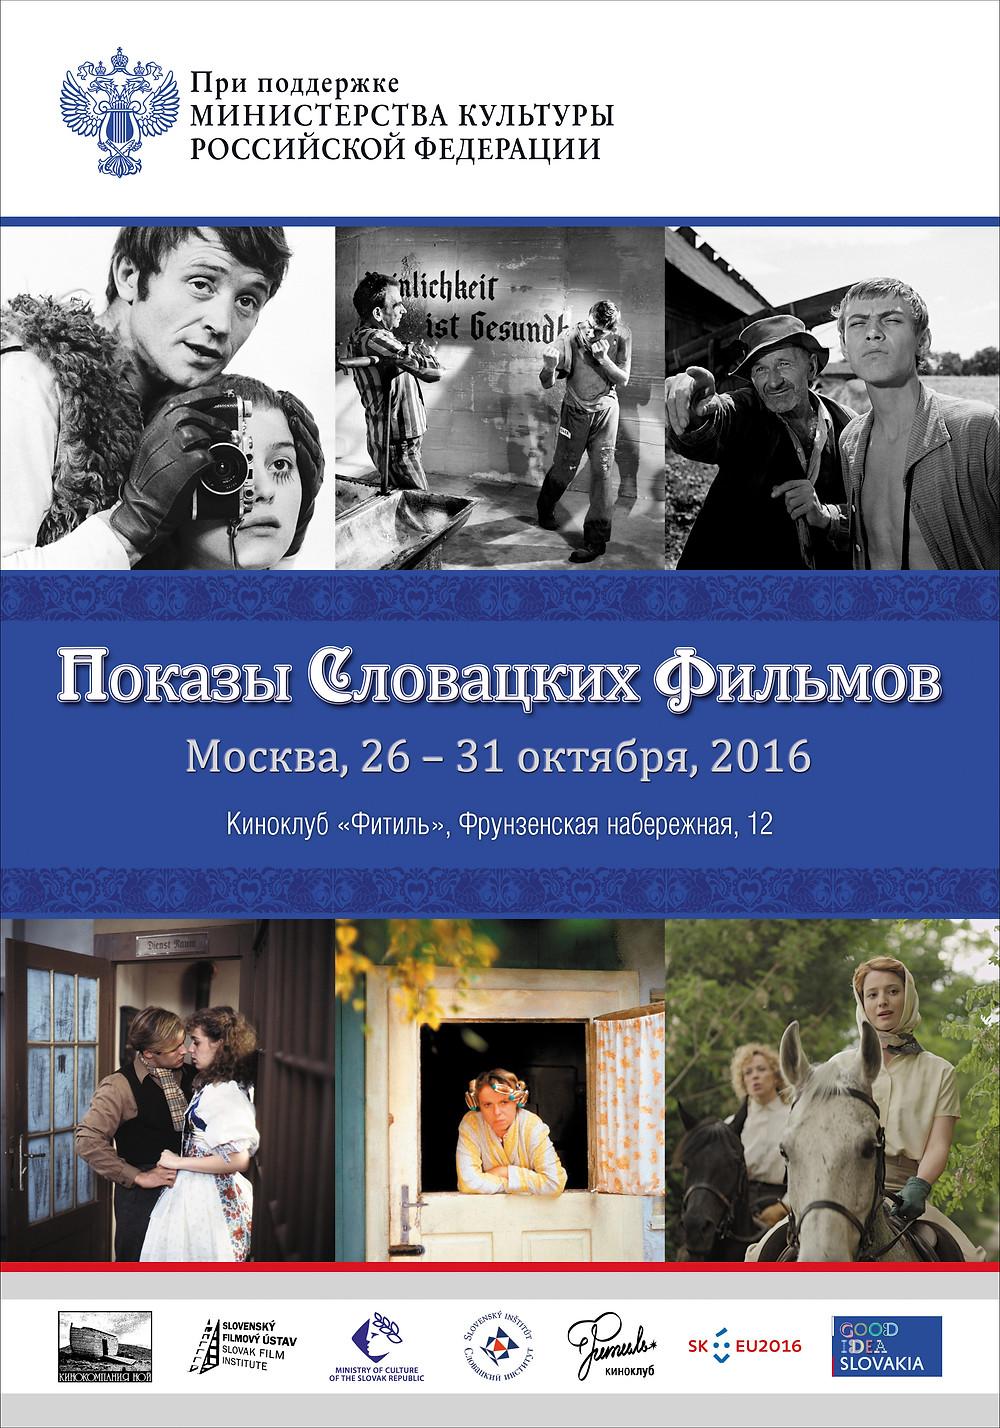 Показы словацких фильмов